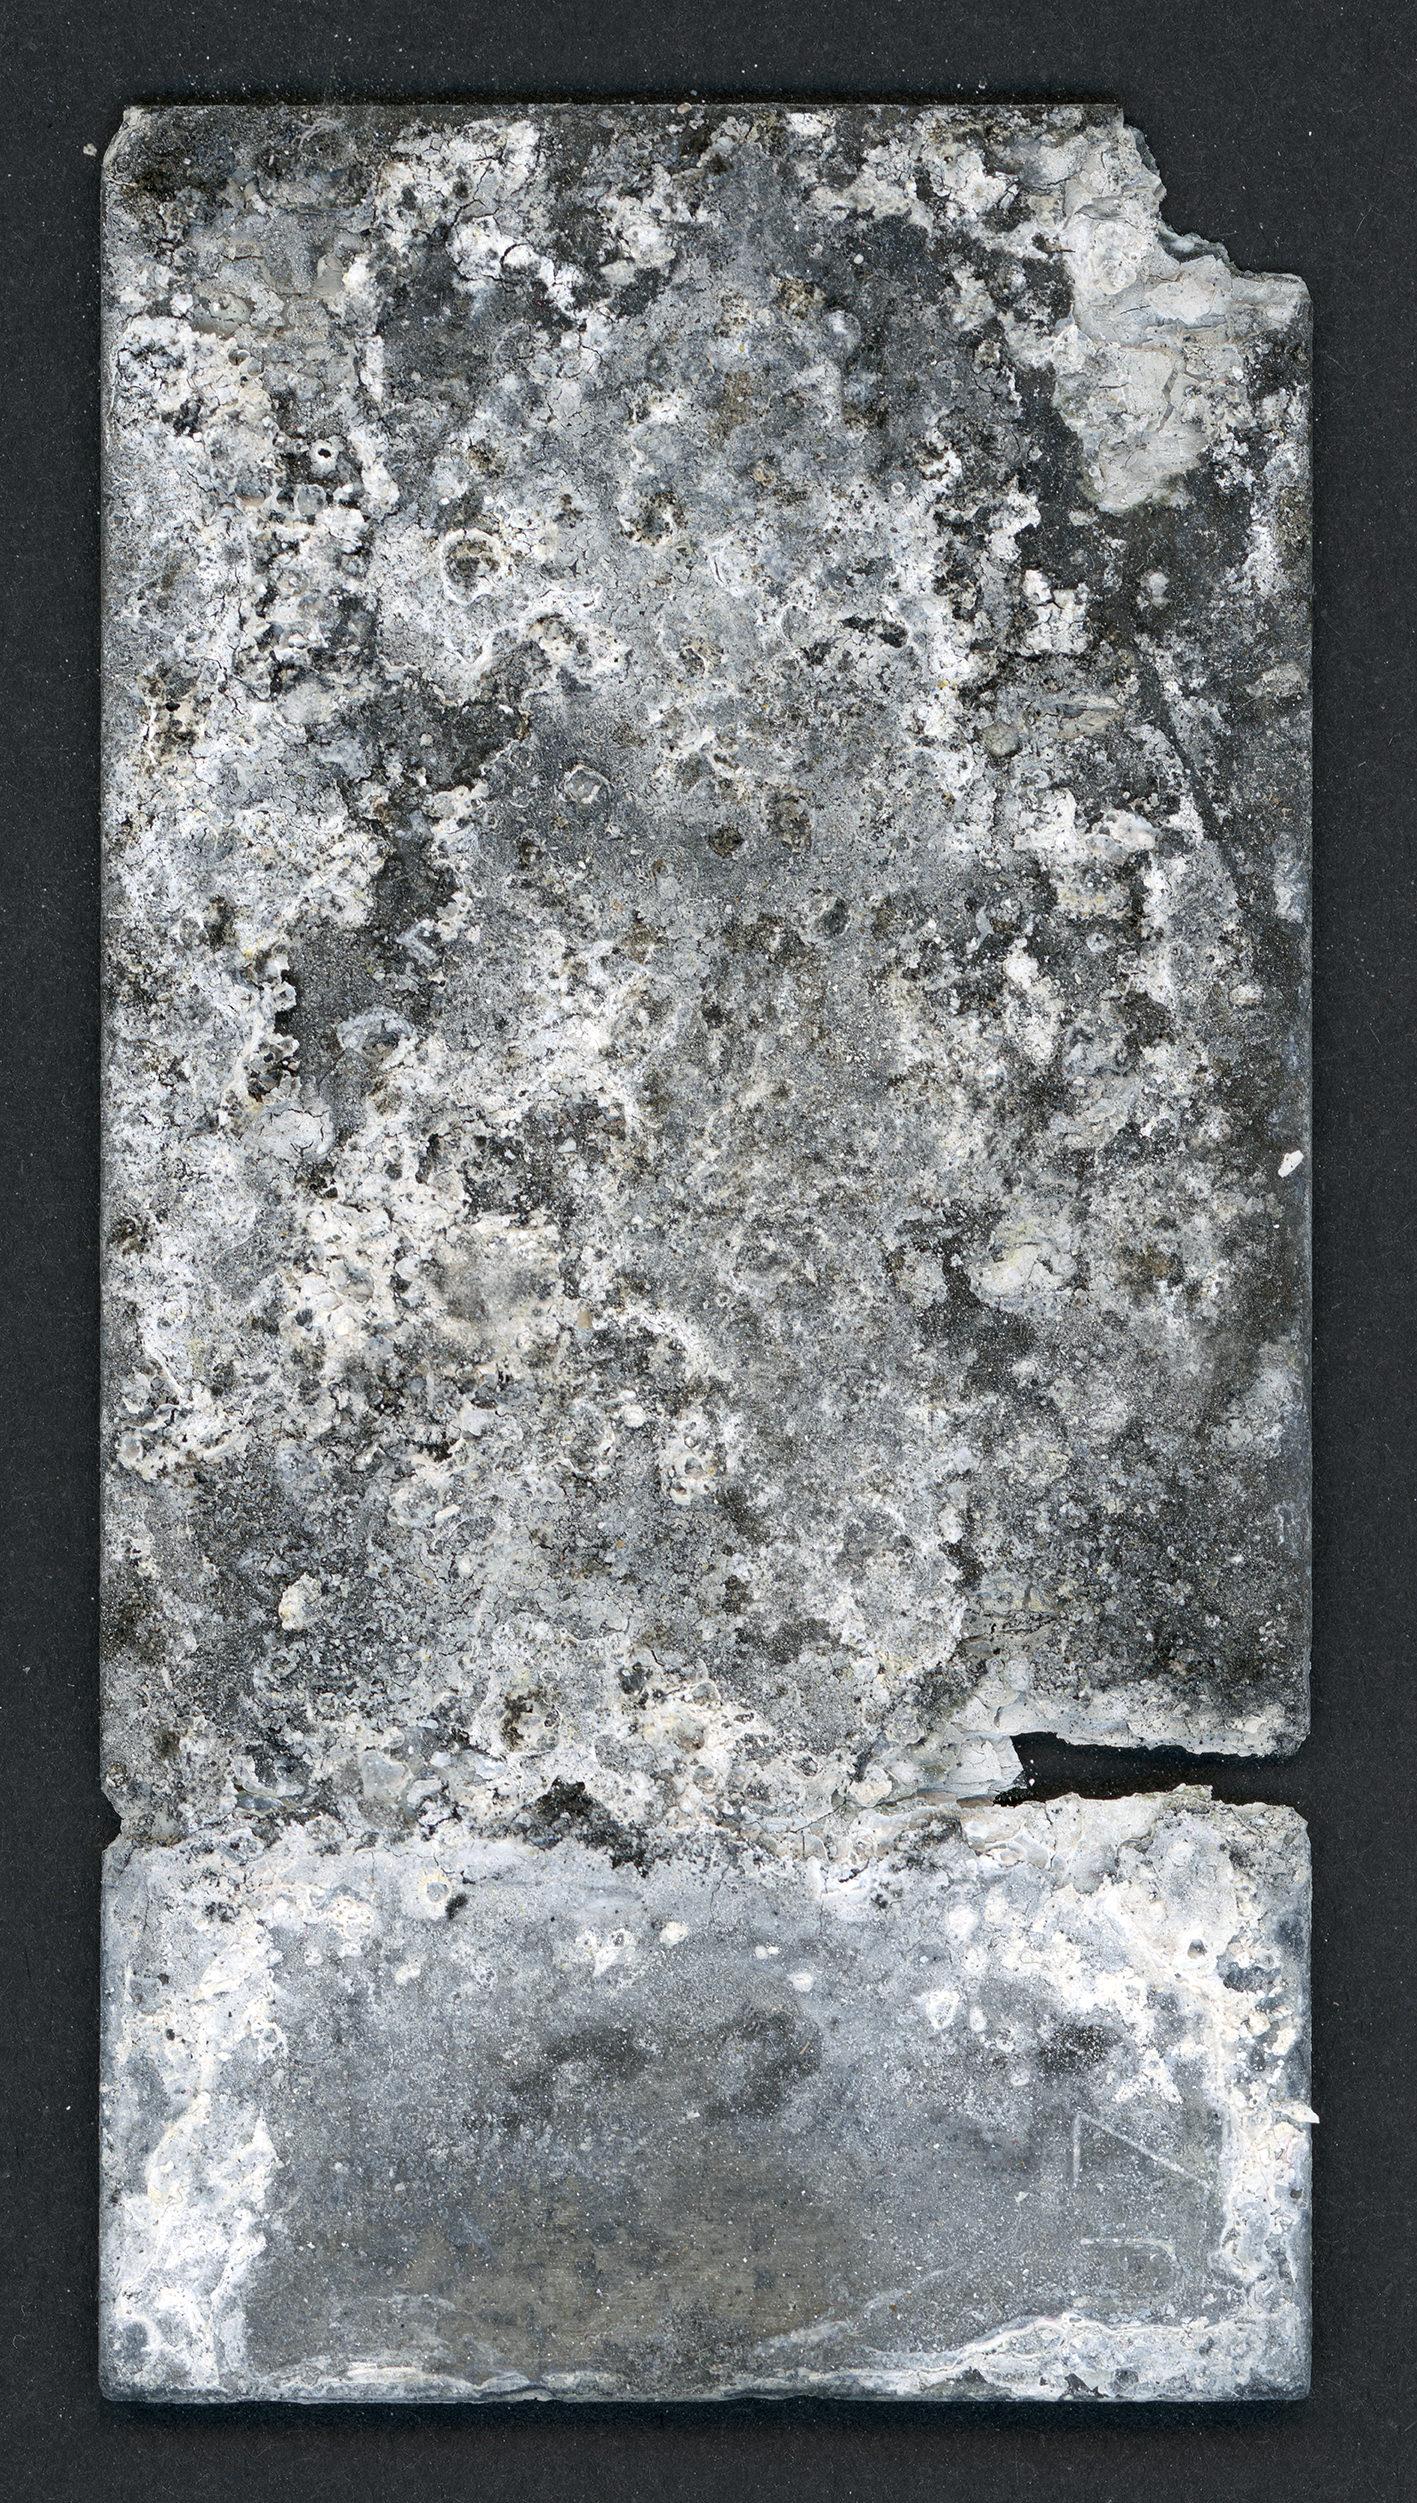 Dobokay Máté: Monolith no. 1, 2019 © Dobokay Máté